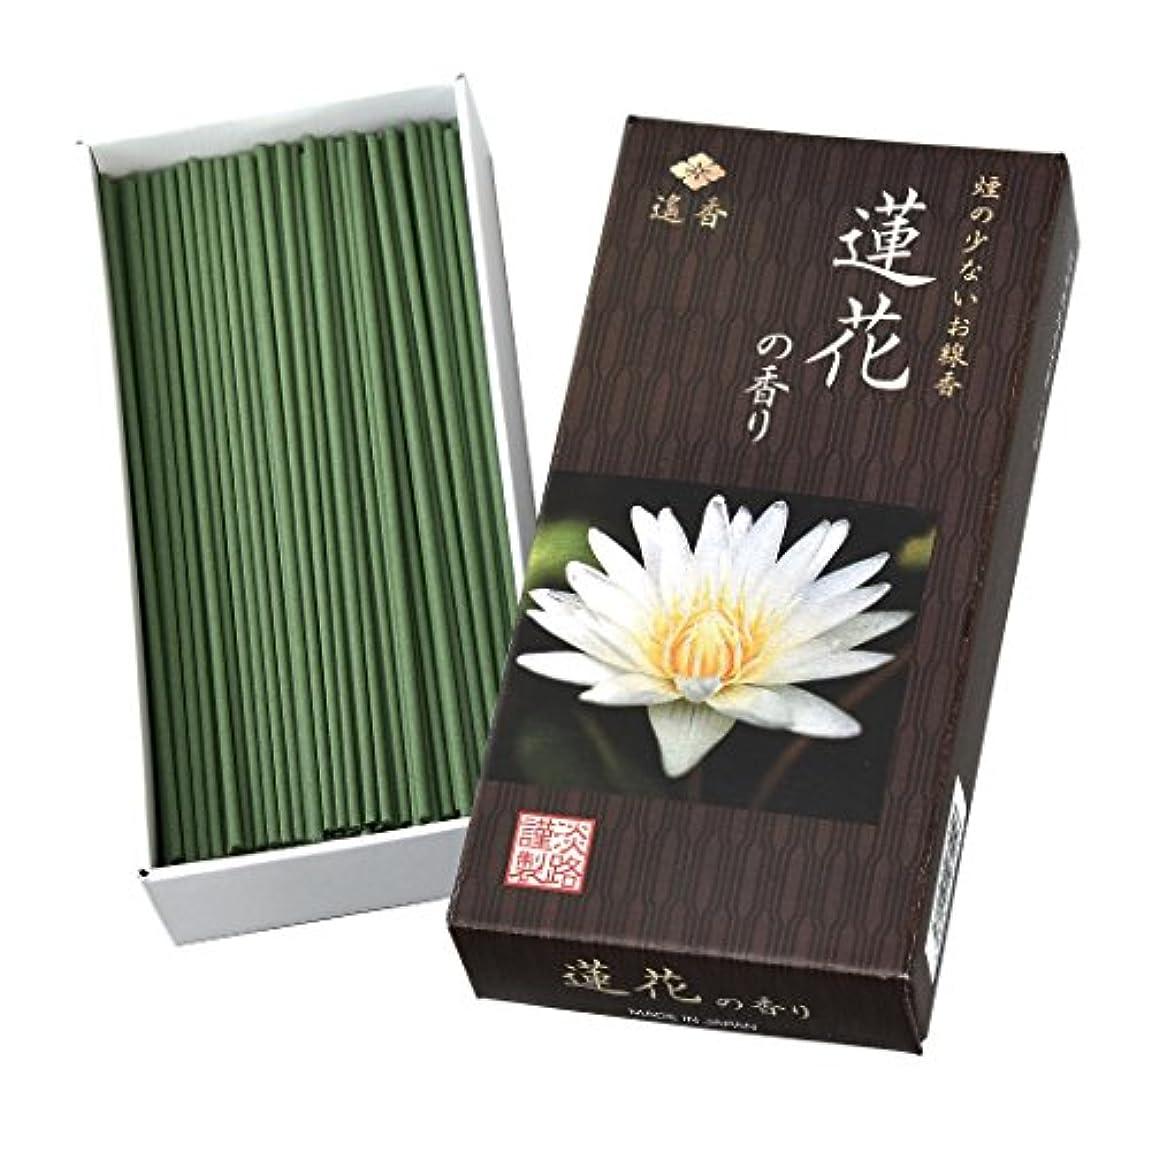 真鍮他にピストル遙香 蓮花の香り 3個セット